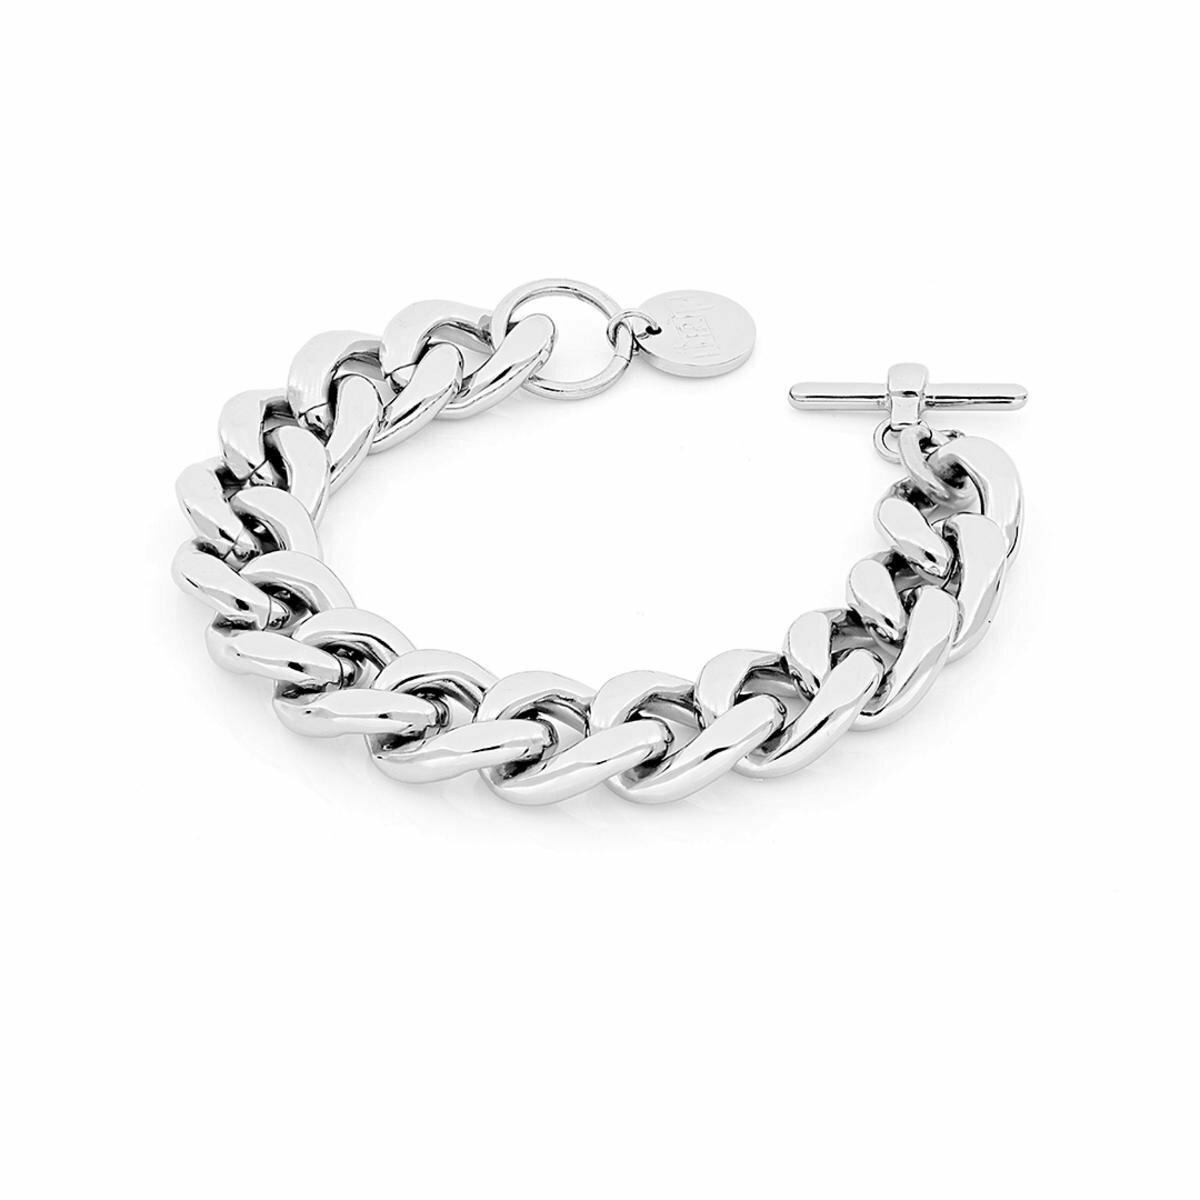 Bracciale Unoaerre in ottone silver catena groumette spessa